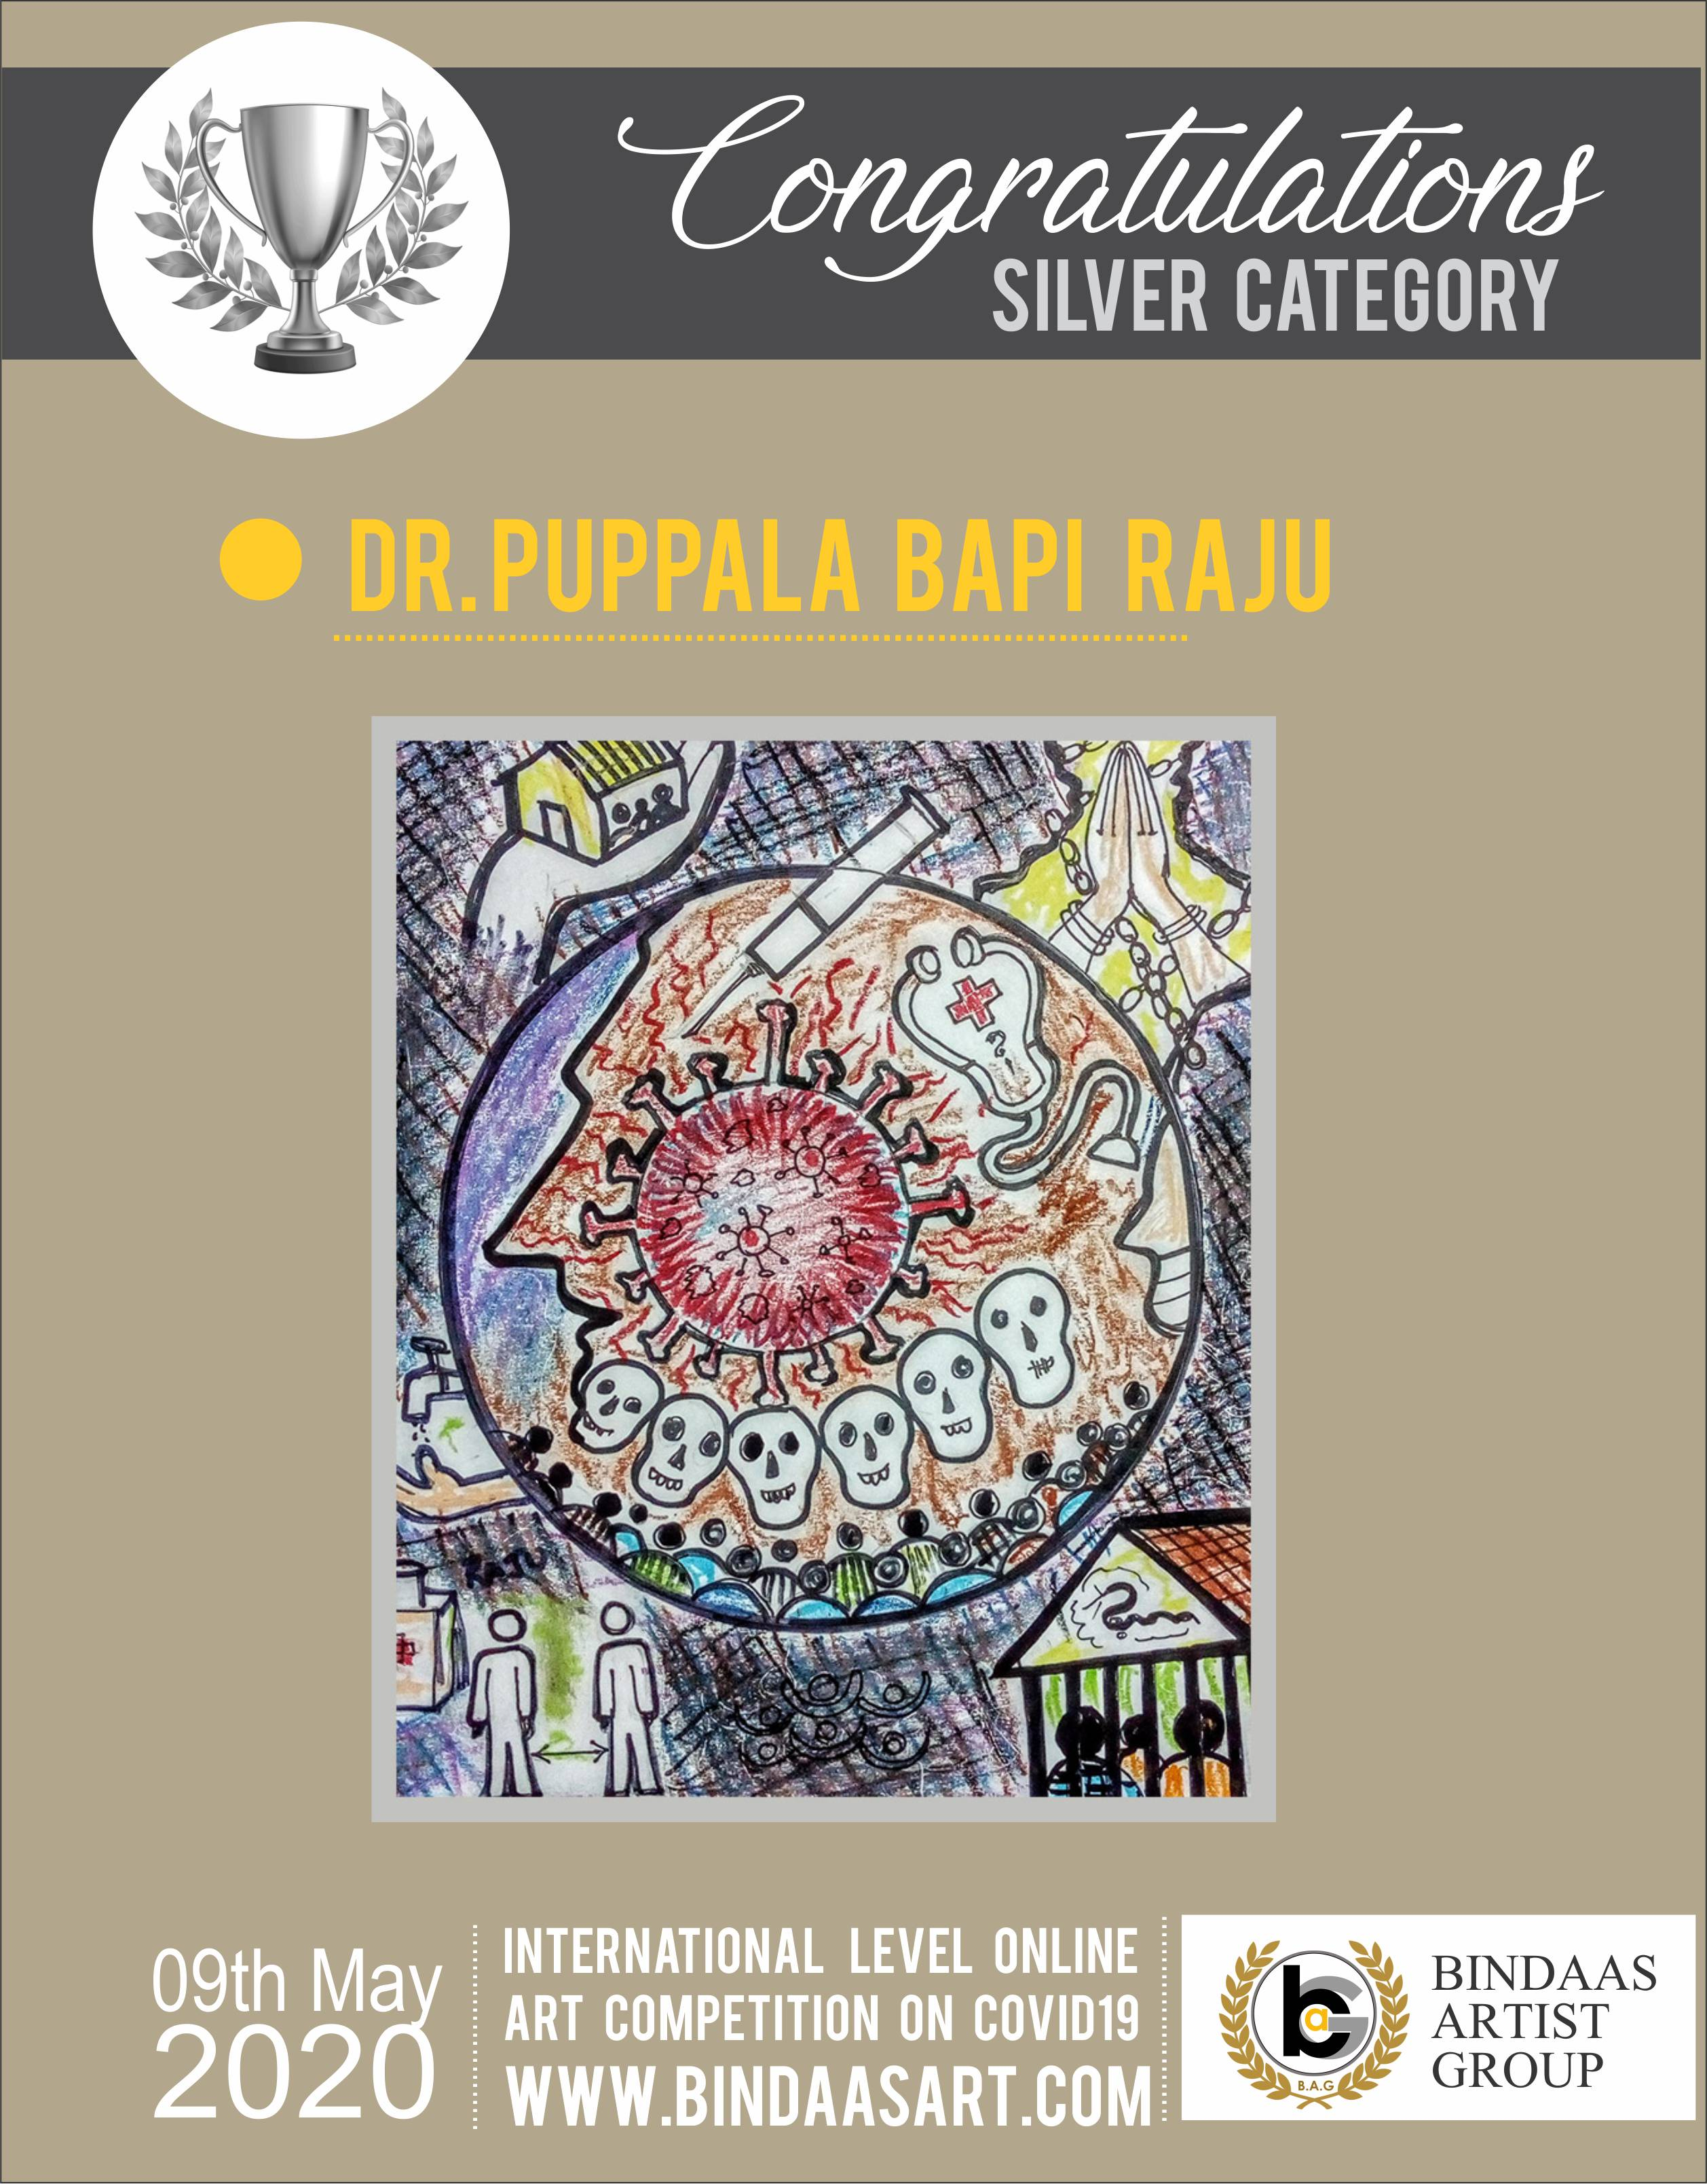 Dr. Puppala BapiRaju